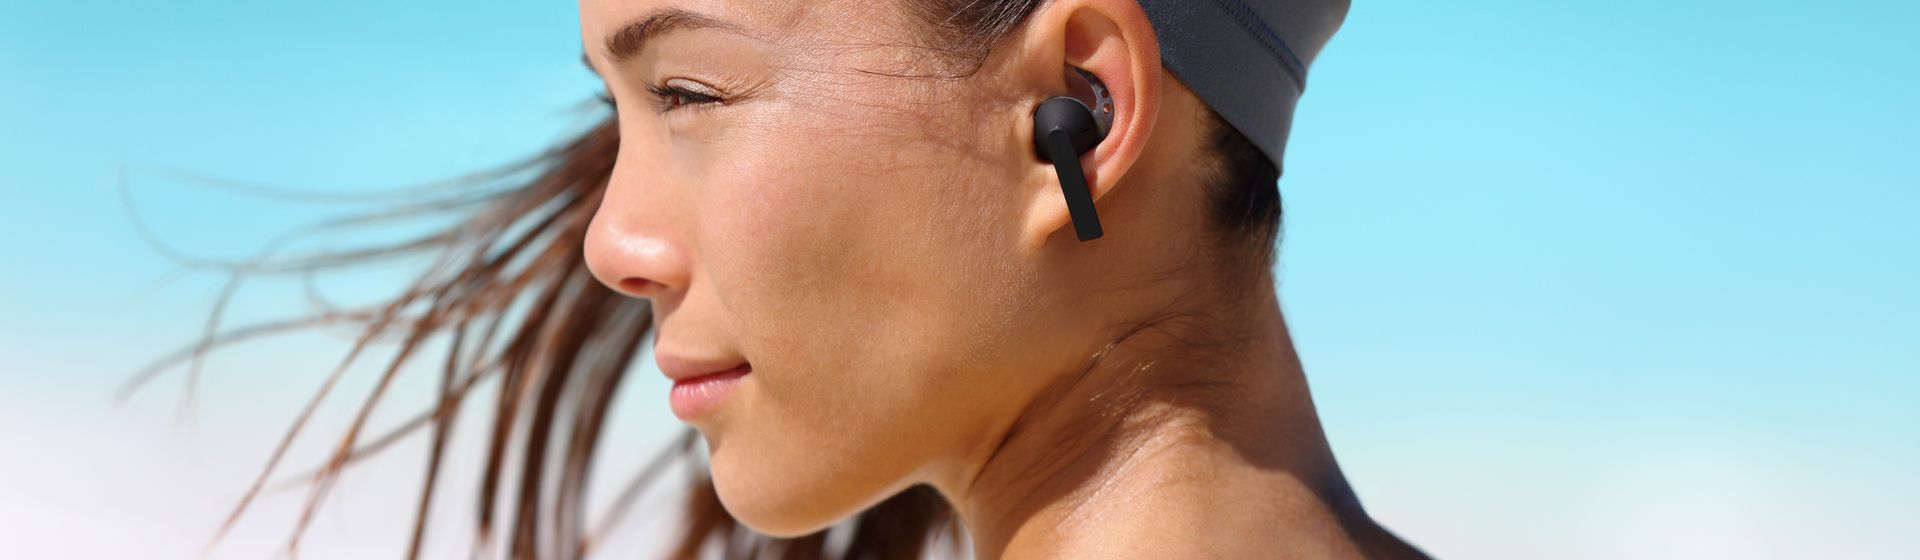 Fones de ouvido resistentes ao suor para se exercitar no verão